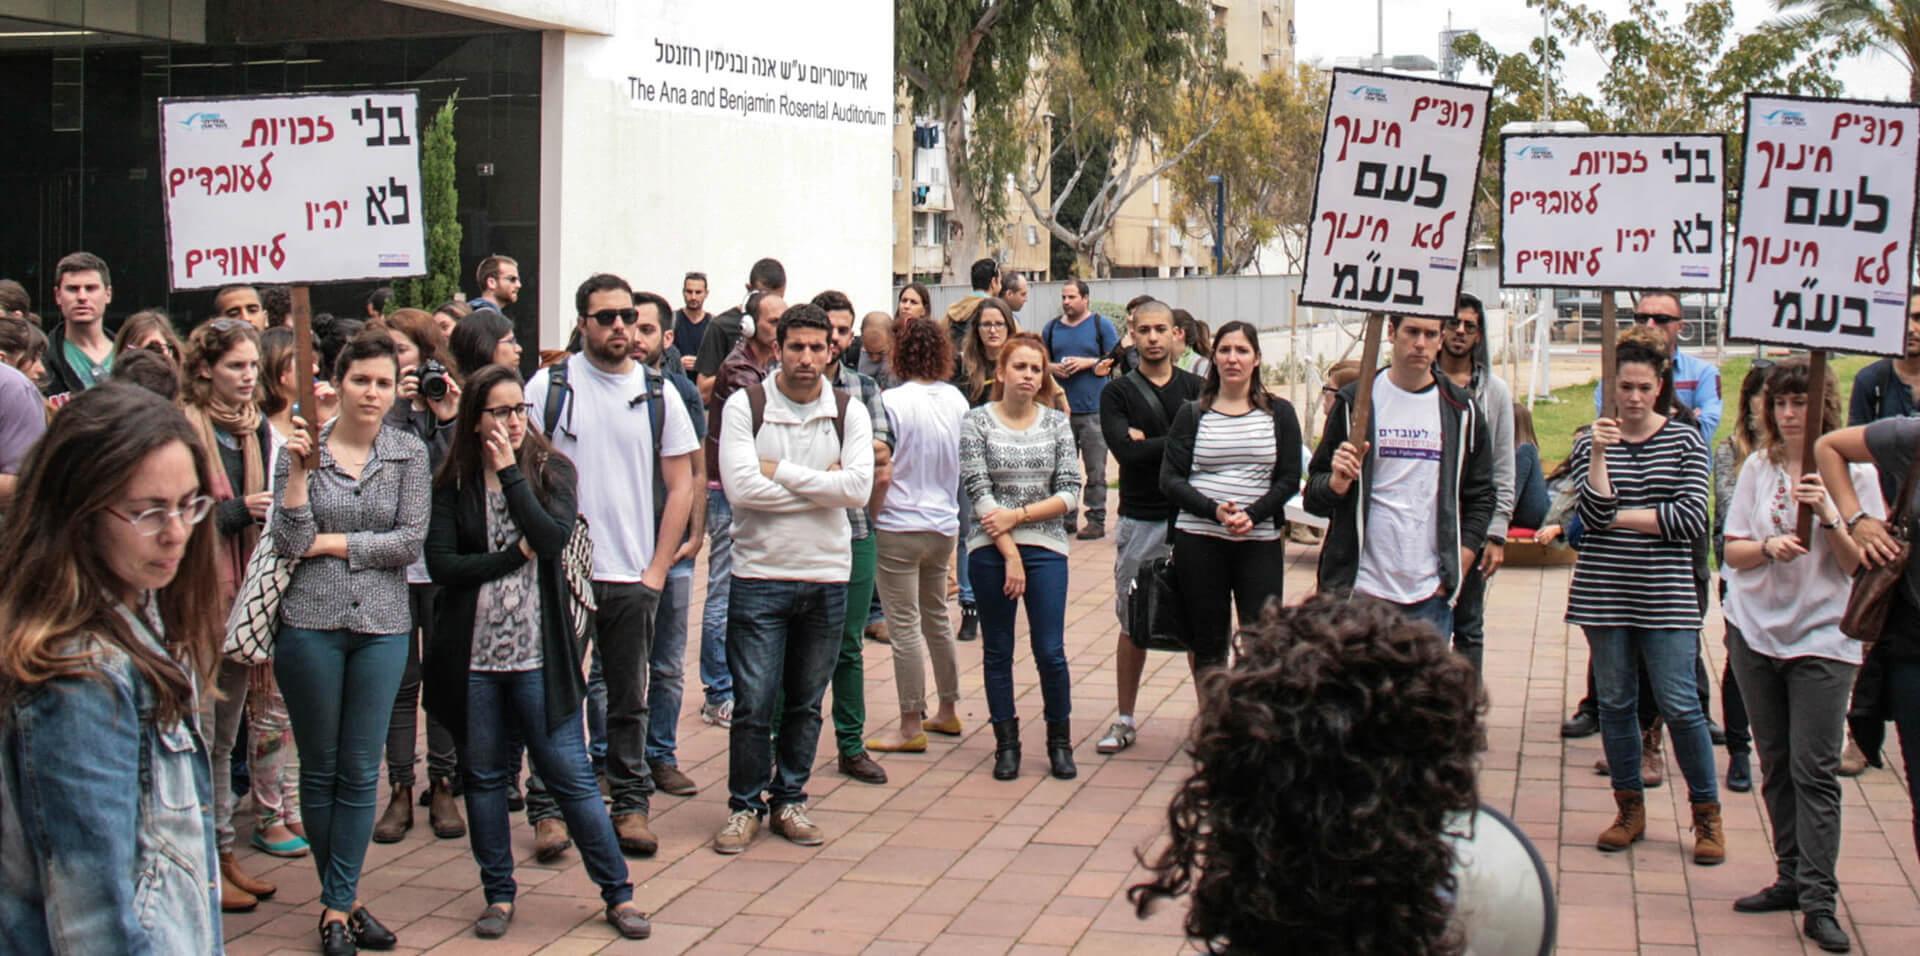 הפגנה באקדמית תל אביב יפו